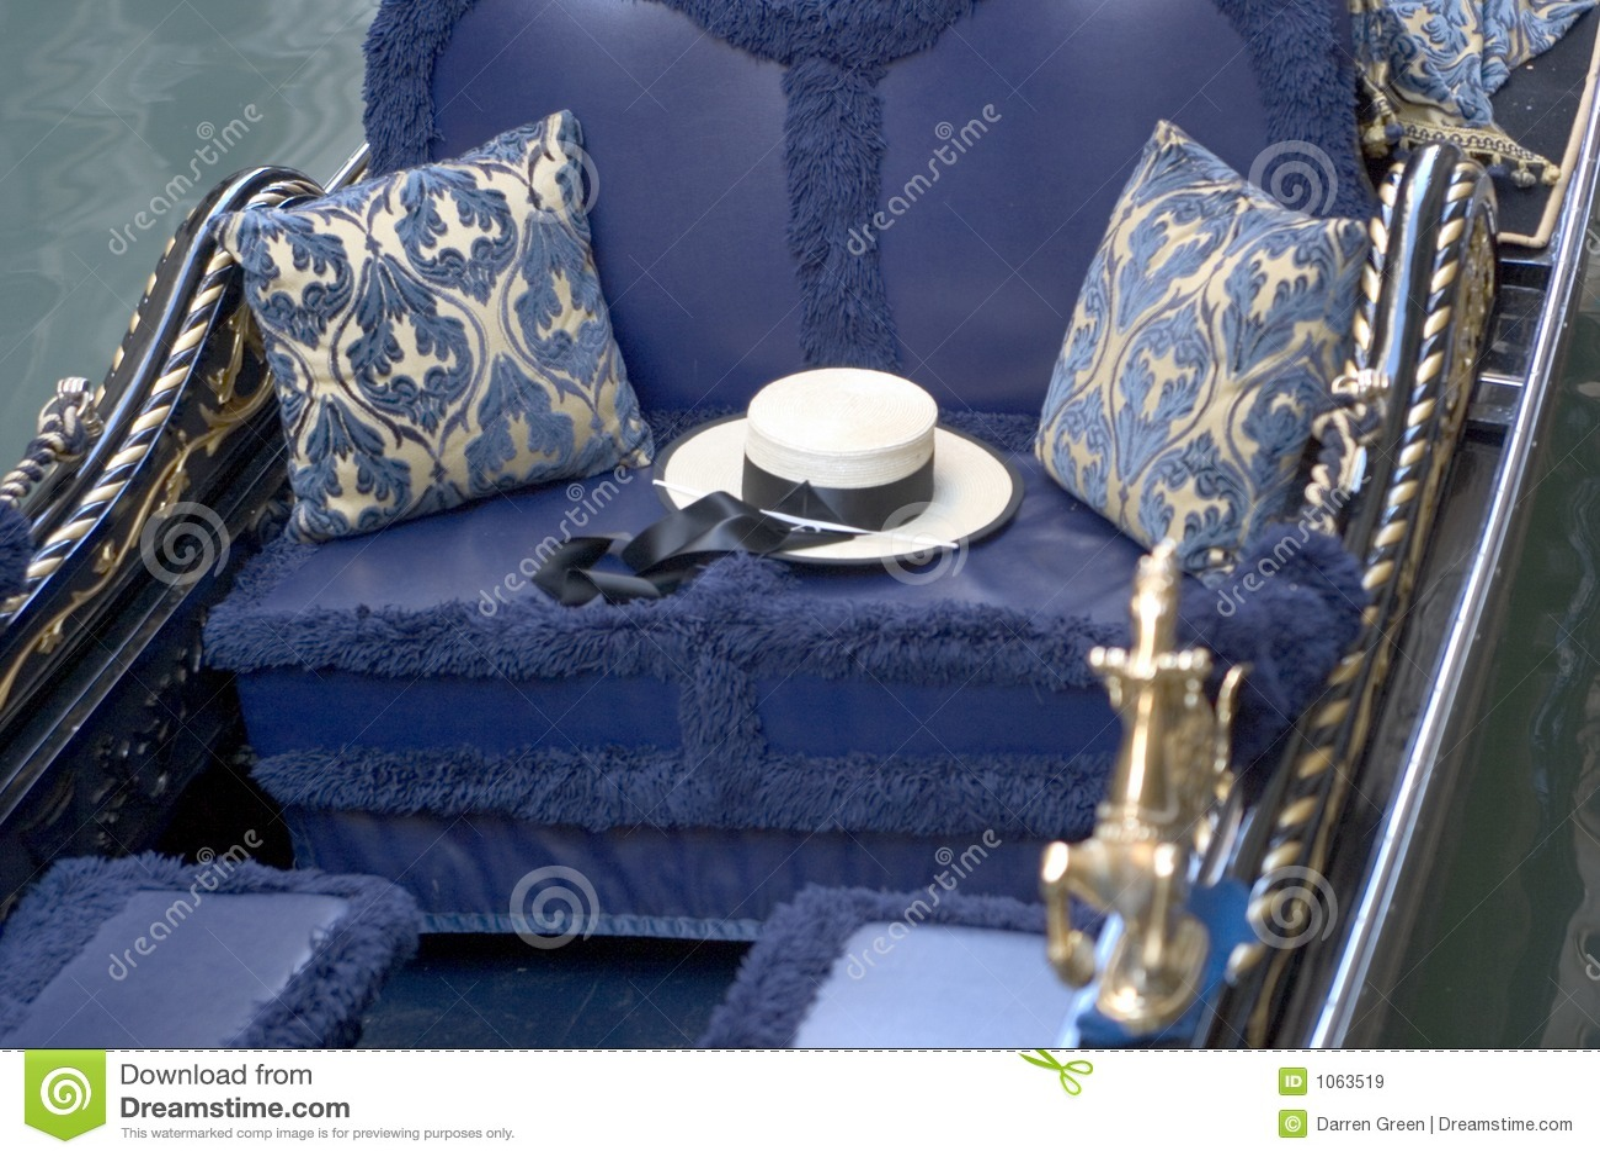 9274021eec538 Un sombrero de los gondoleros se sienta en una góndola adornada  intricatley